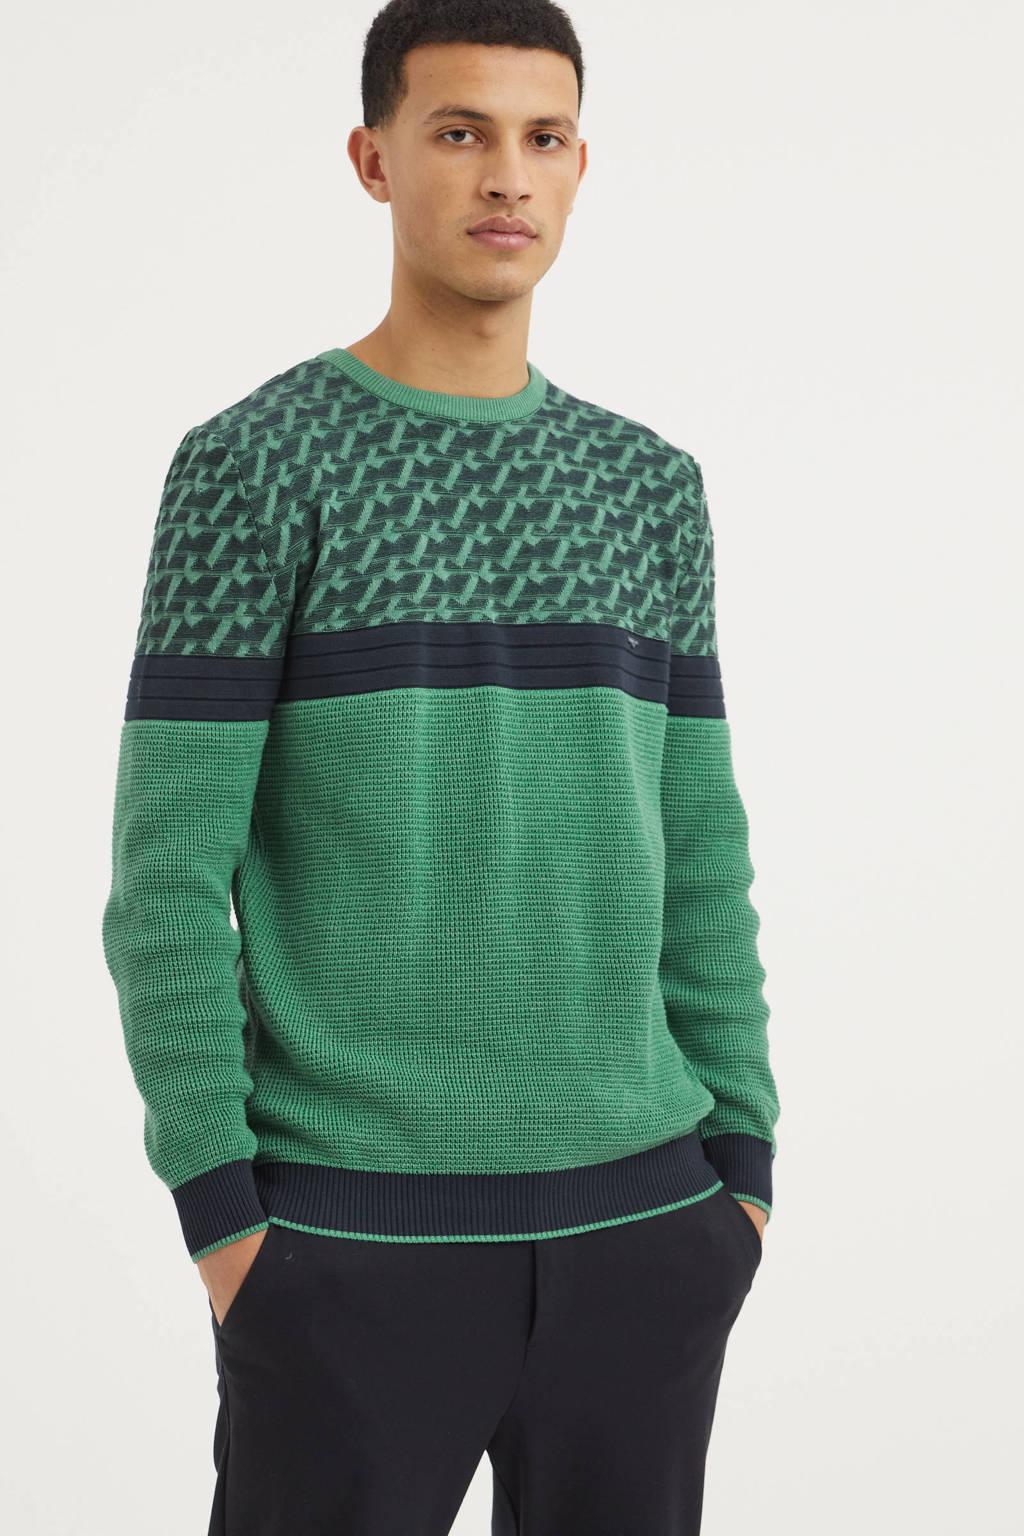 GABBIANO trui groen/donkerblauw, Groen/donkerblauw